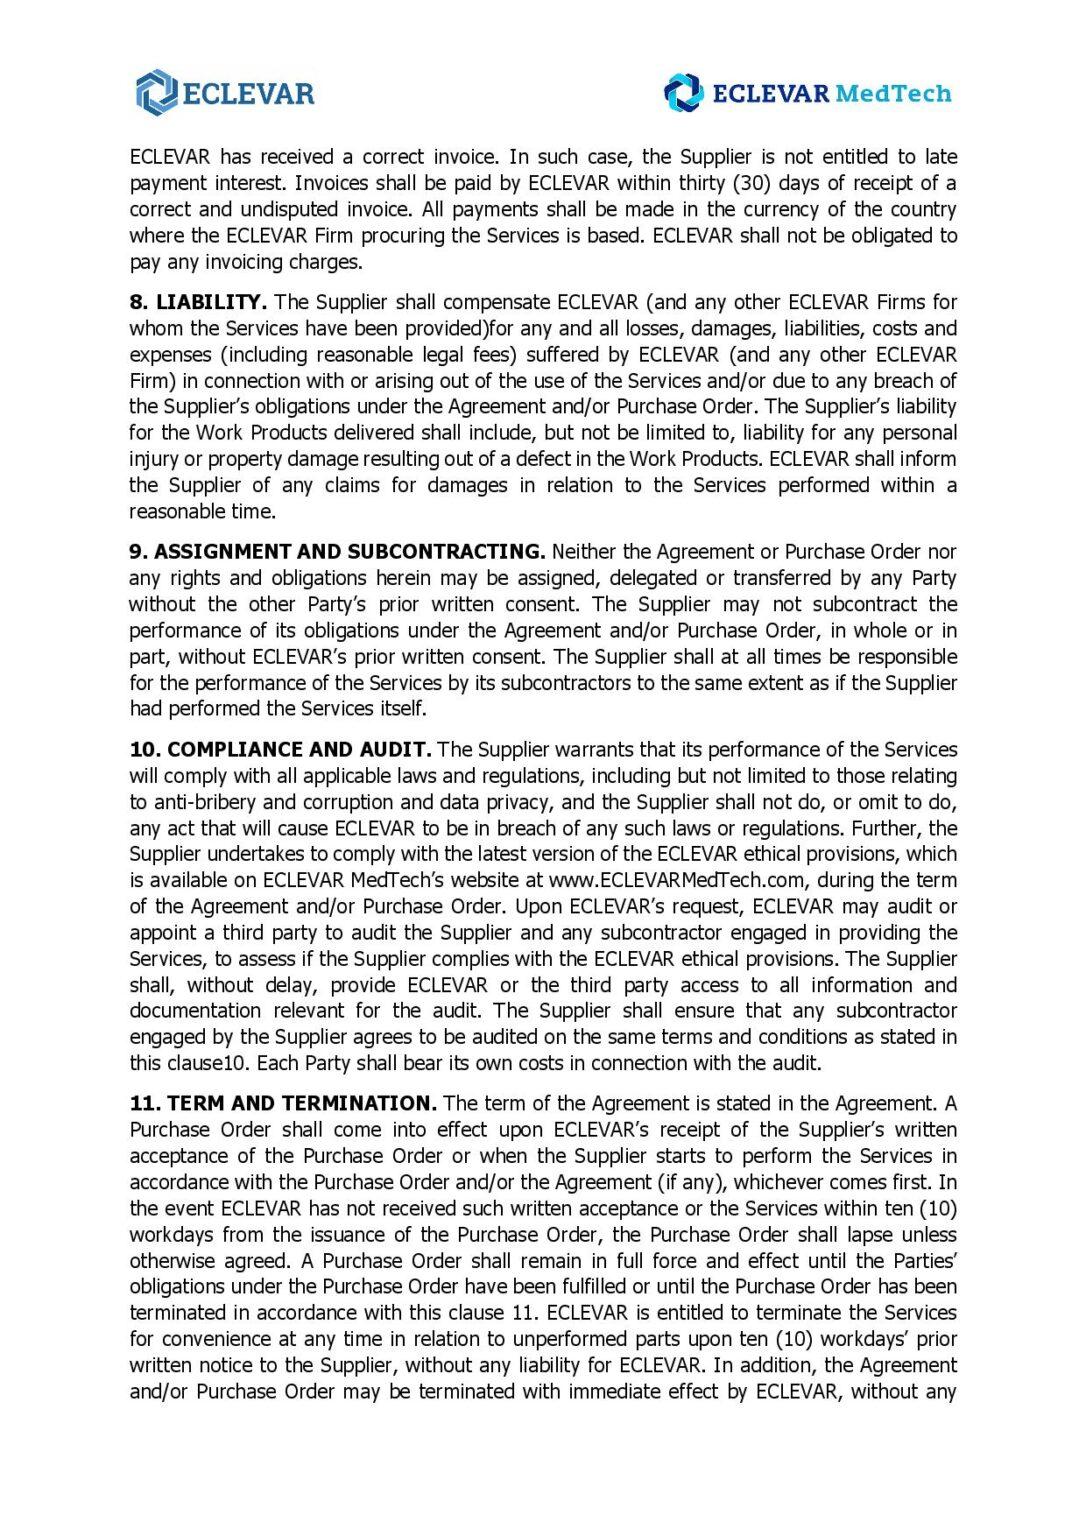 ECLEVAR PROCUREMENT OF SERVICES VAUG 2020_MedTech-page-004